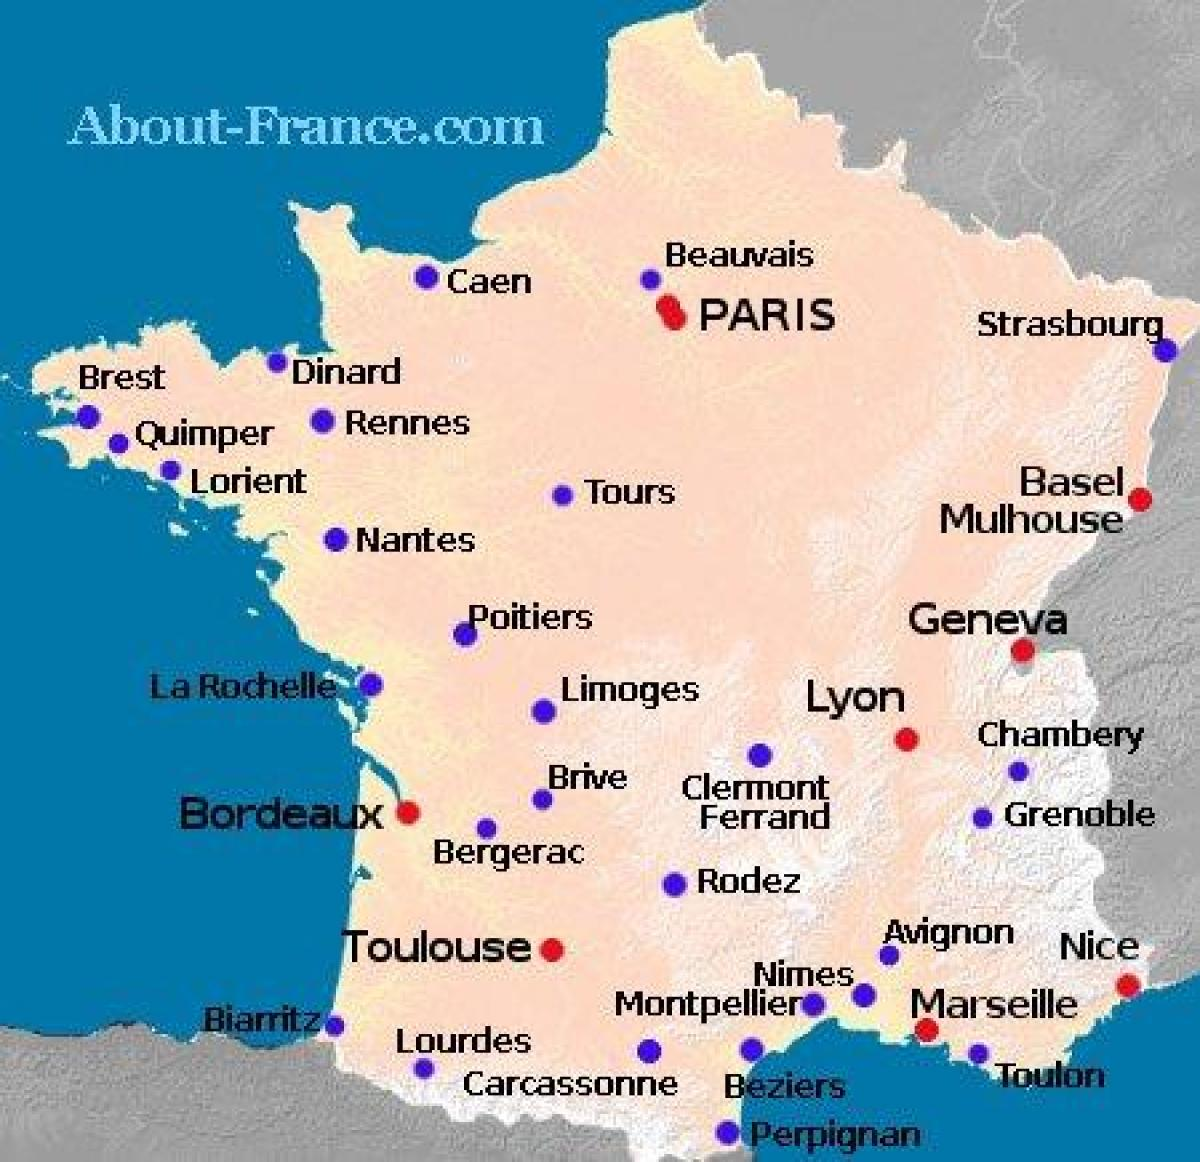 kart over flyplasser i frankrike Flyplasser i Frankrike kart   Kart over Frankrike viser flyplasser  kart over flyplasser i frankrike